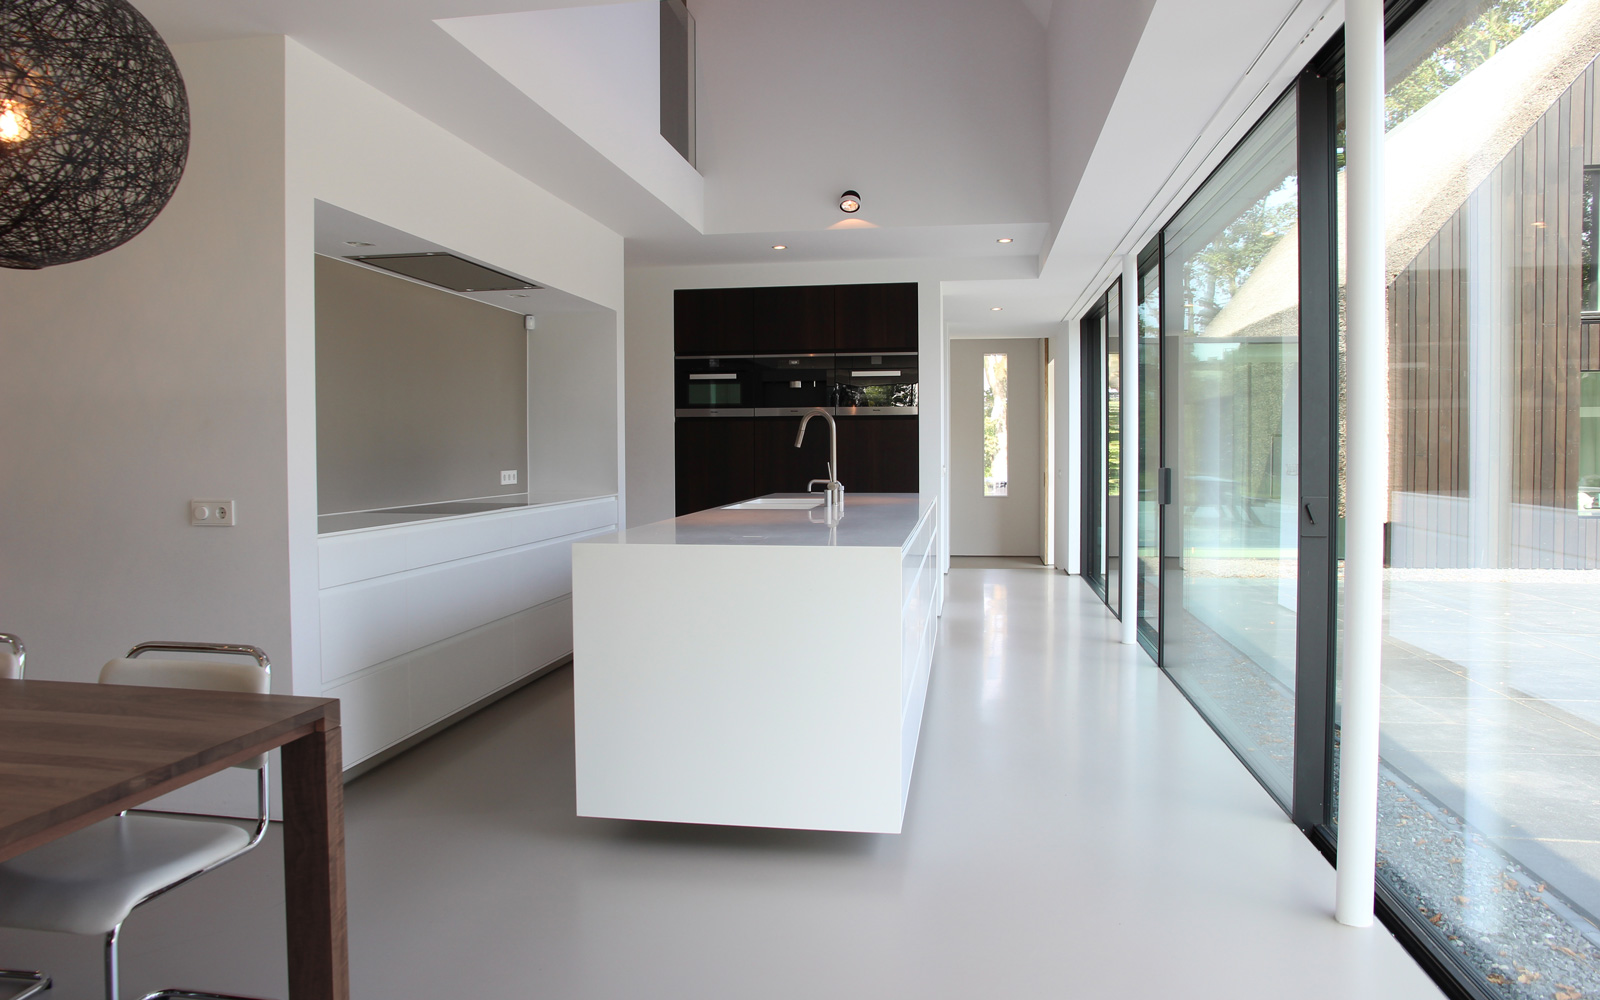 Stijlvolle witte keuken met kookeiland.